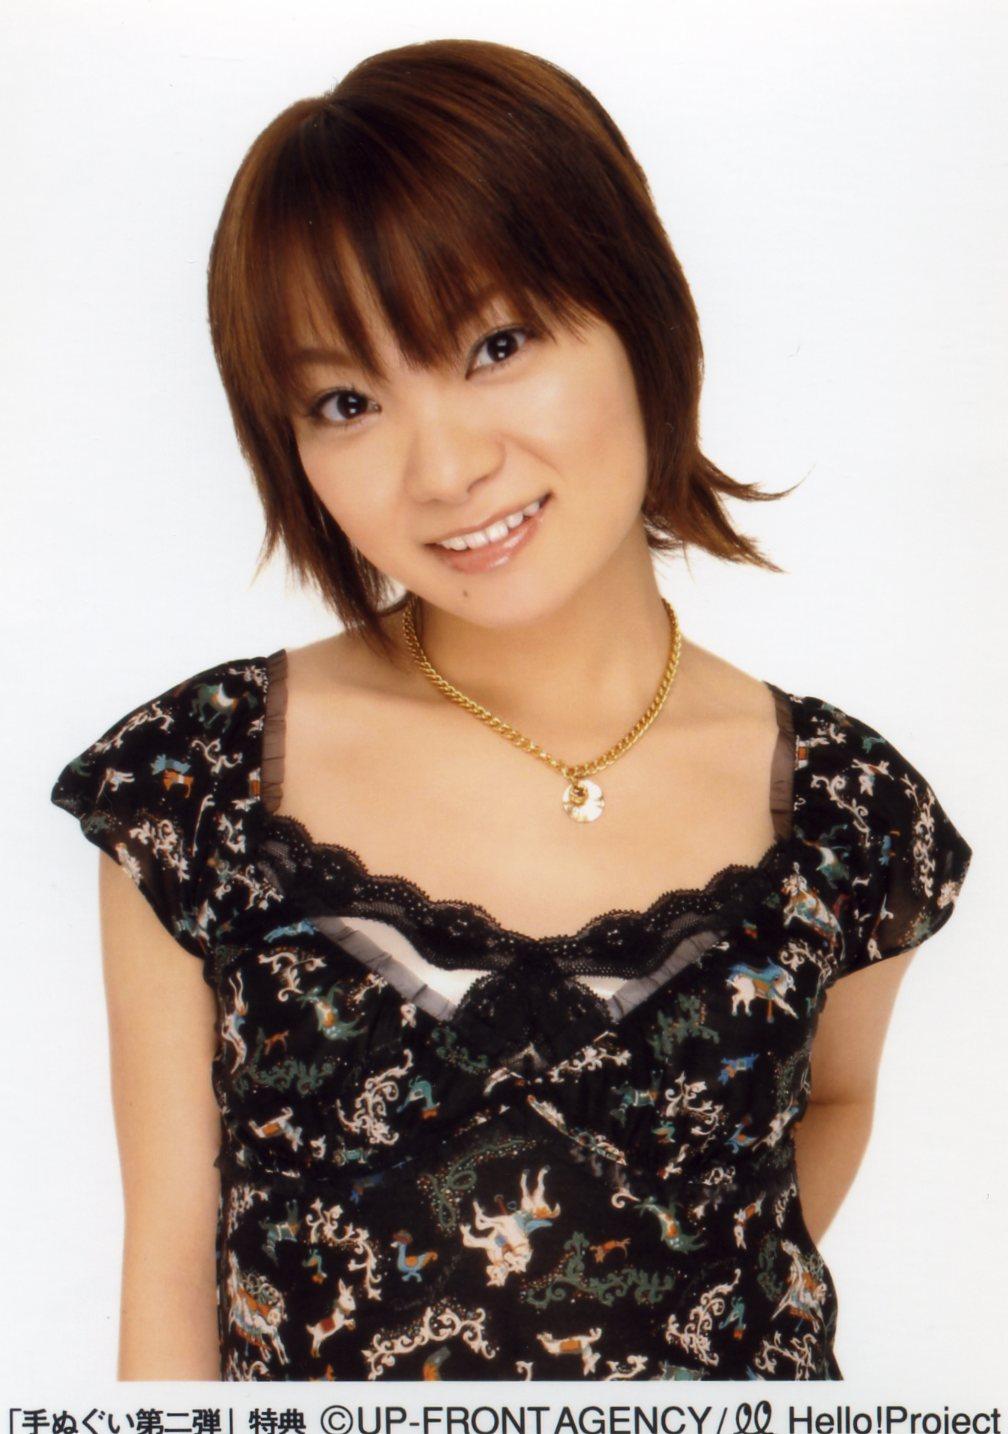 Kei Yasuda Net Worth